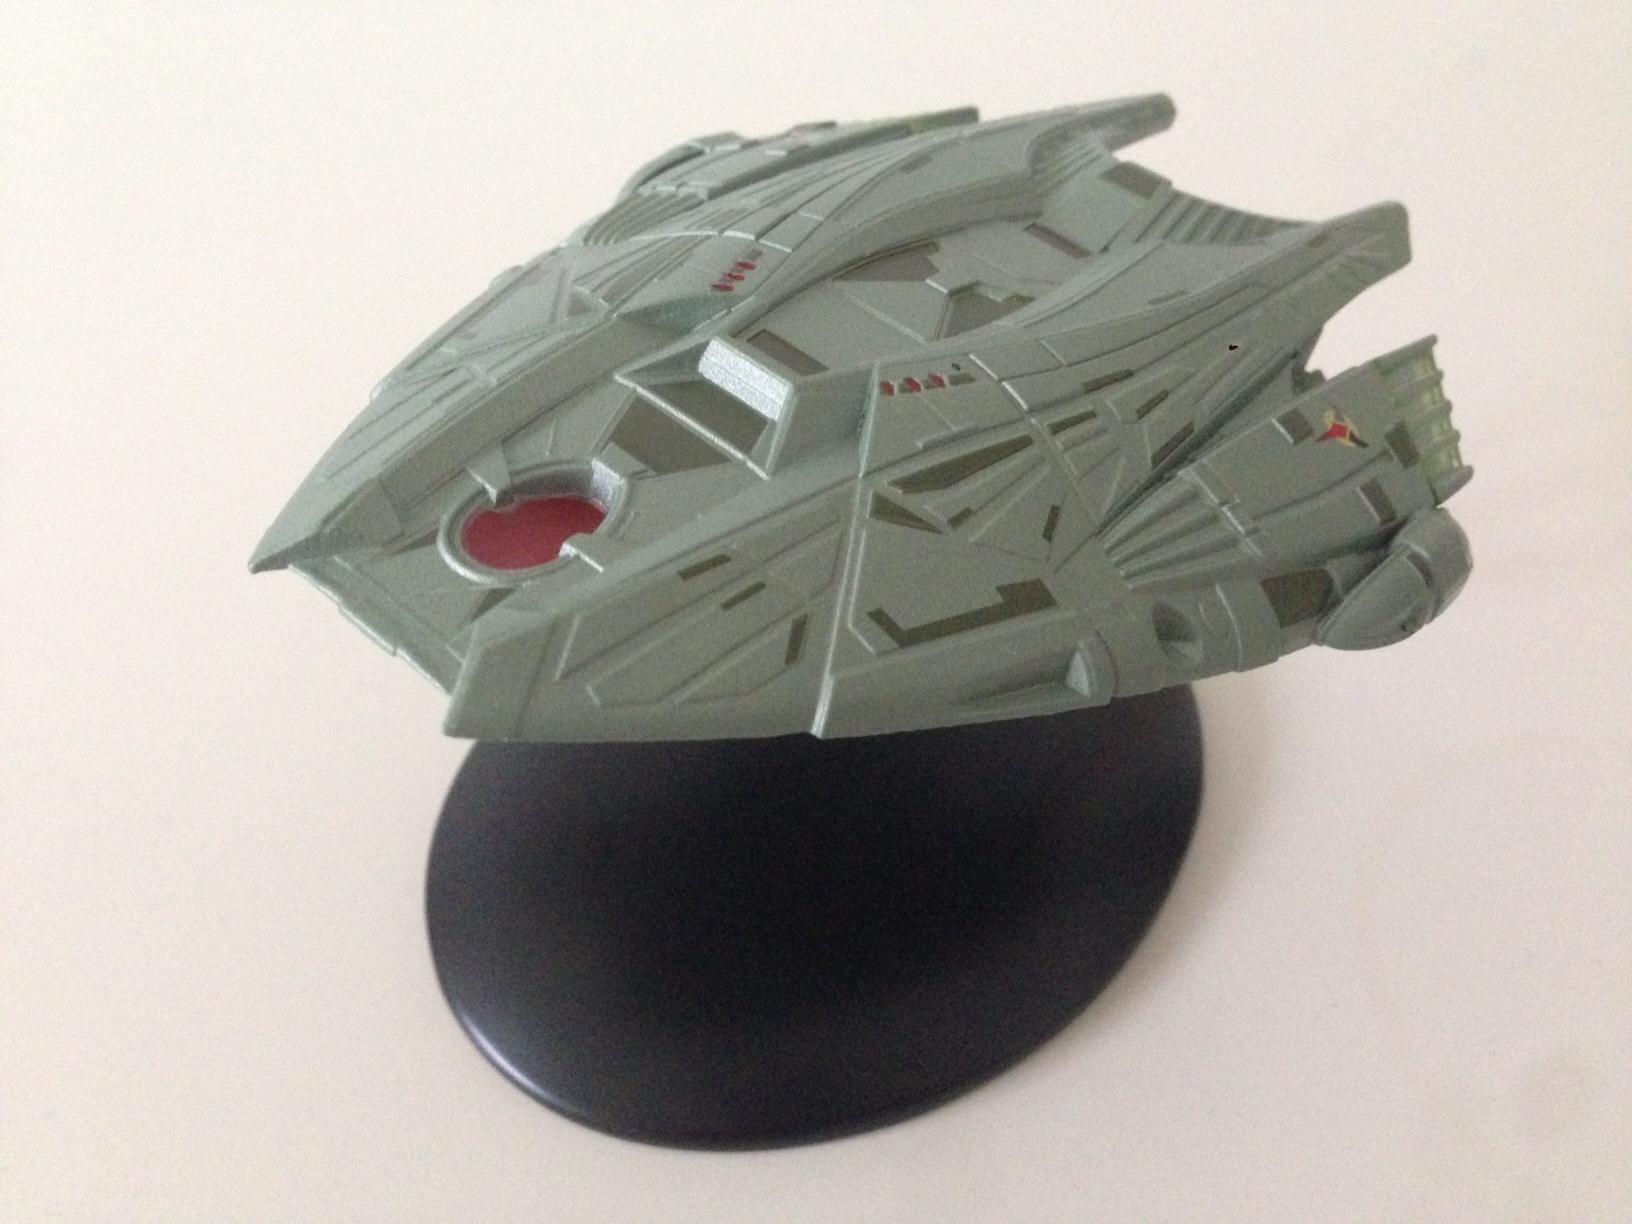 """Goroths klingonisches Transportschiff aus """"Star Trek: Enterprise"""""""